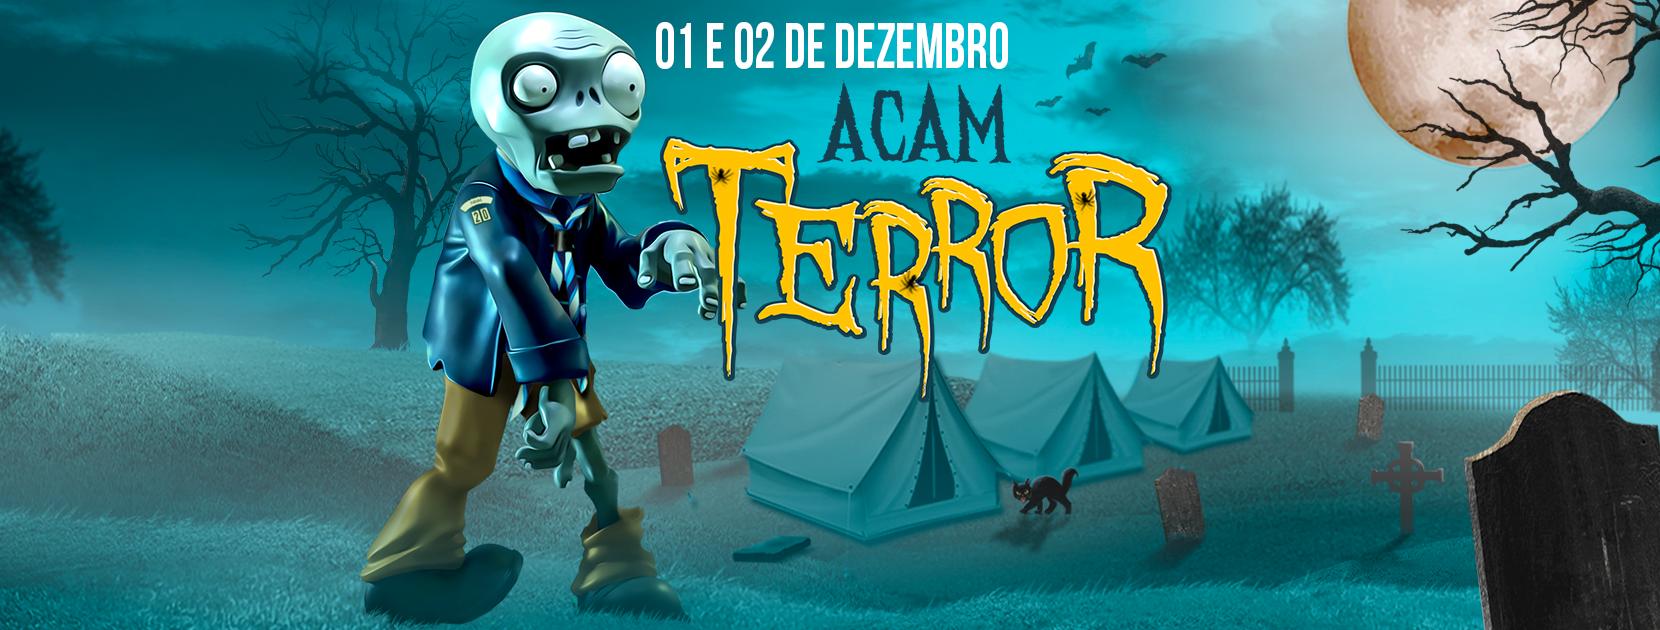 Vem aí o AcamGESD 2018 – uma noite de terror!!